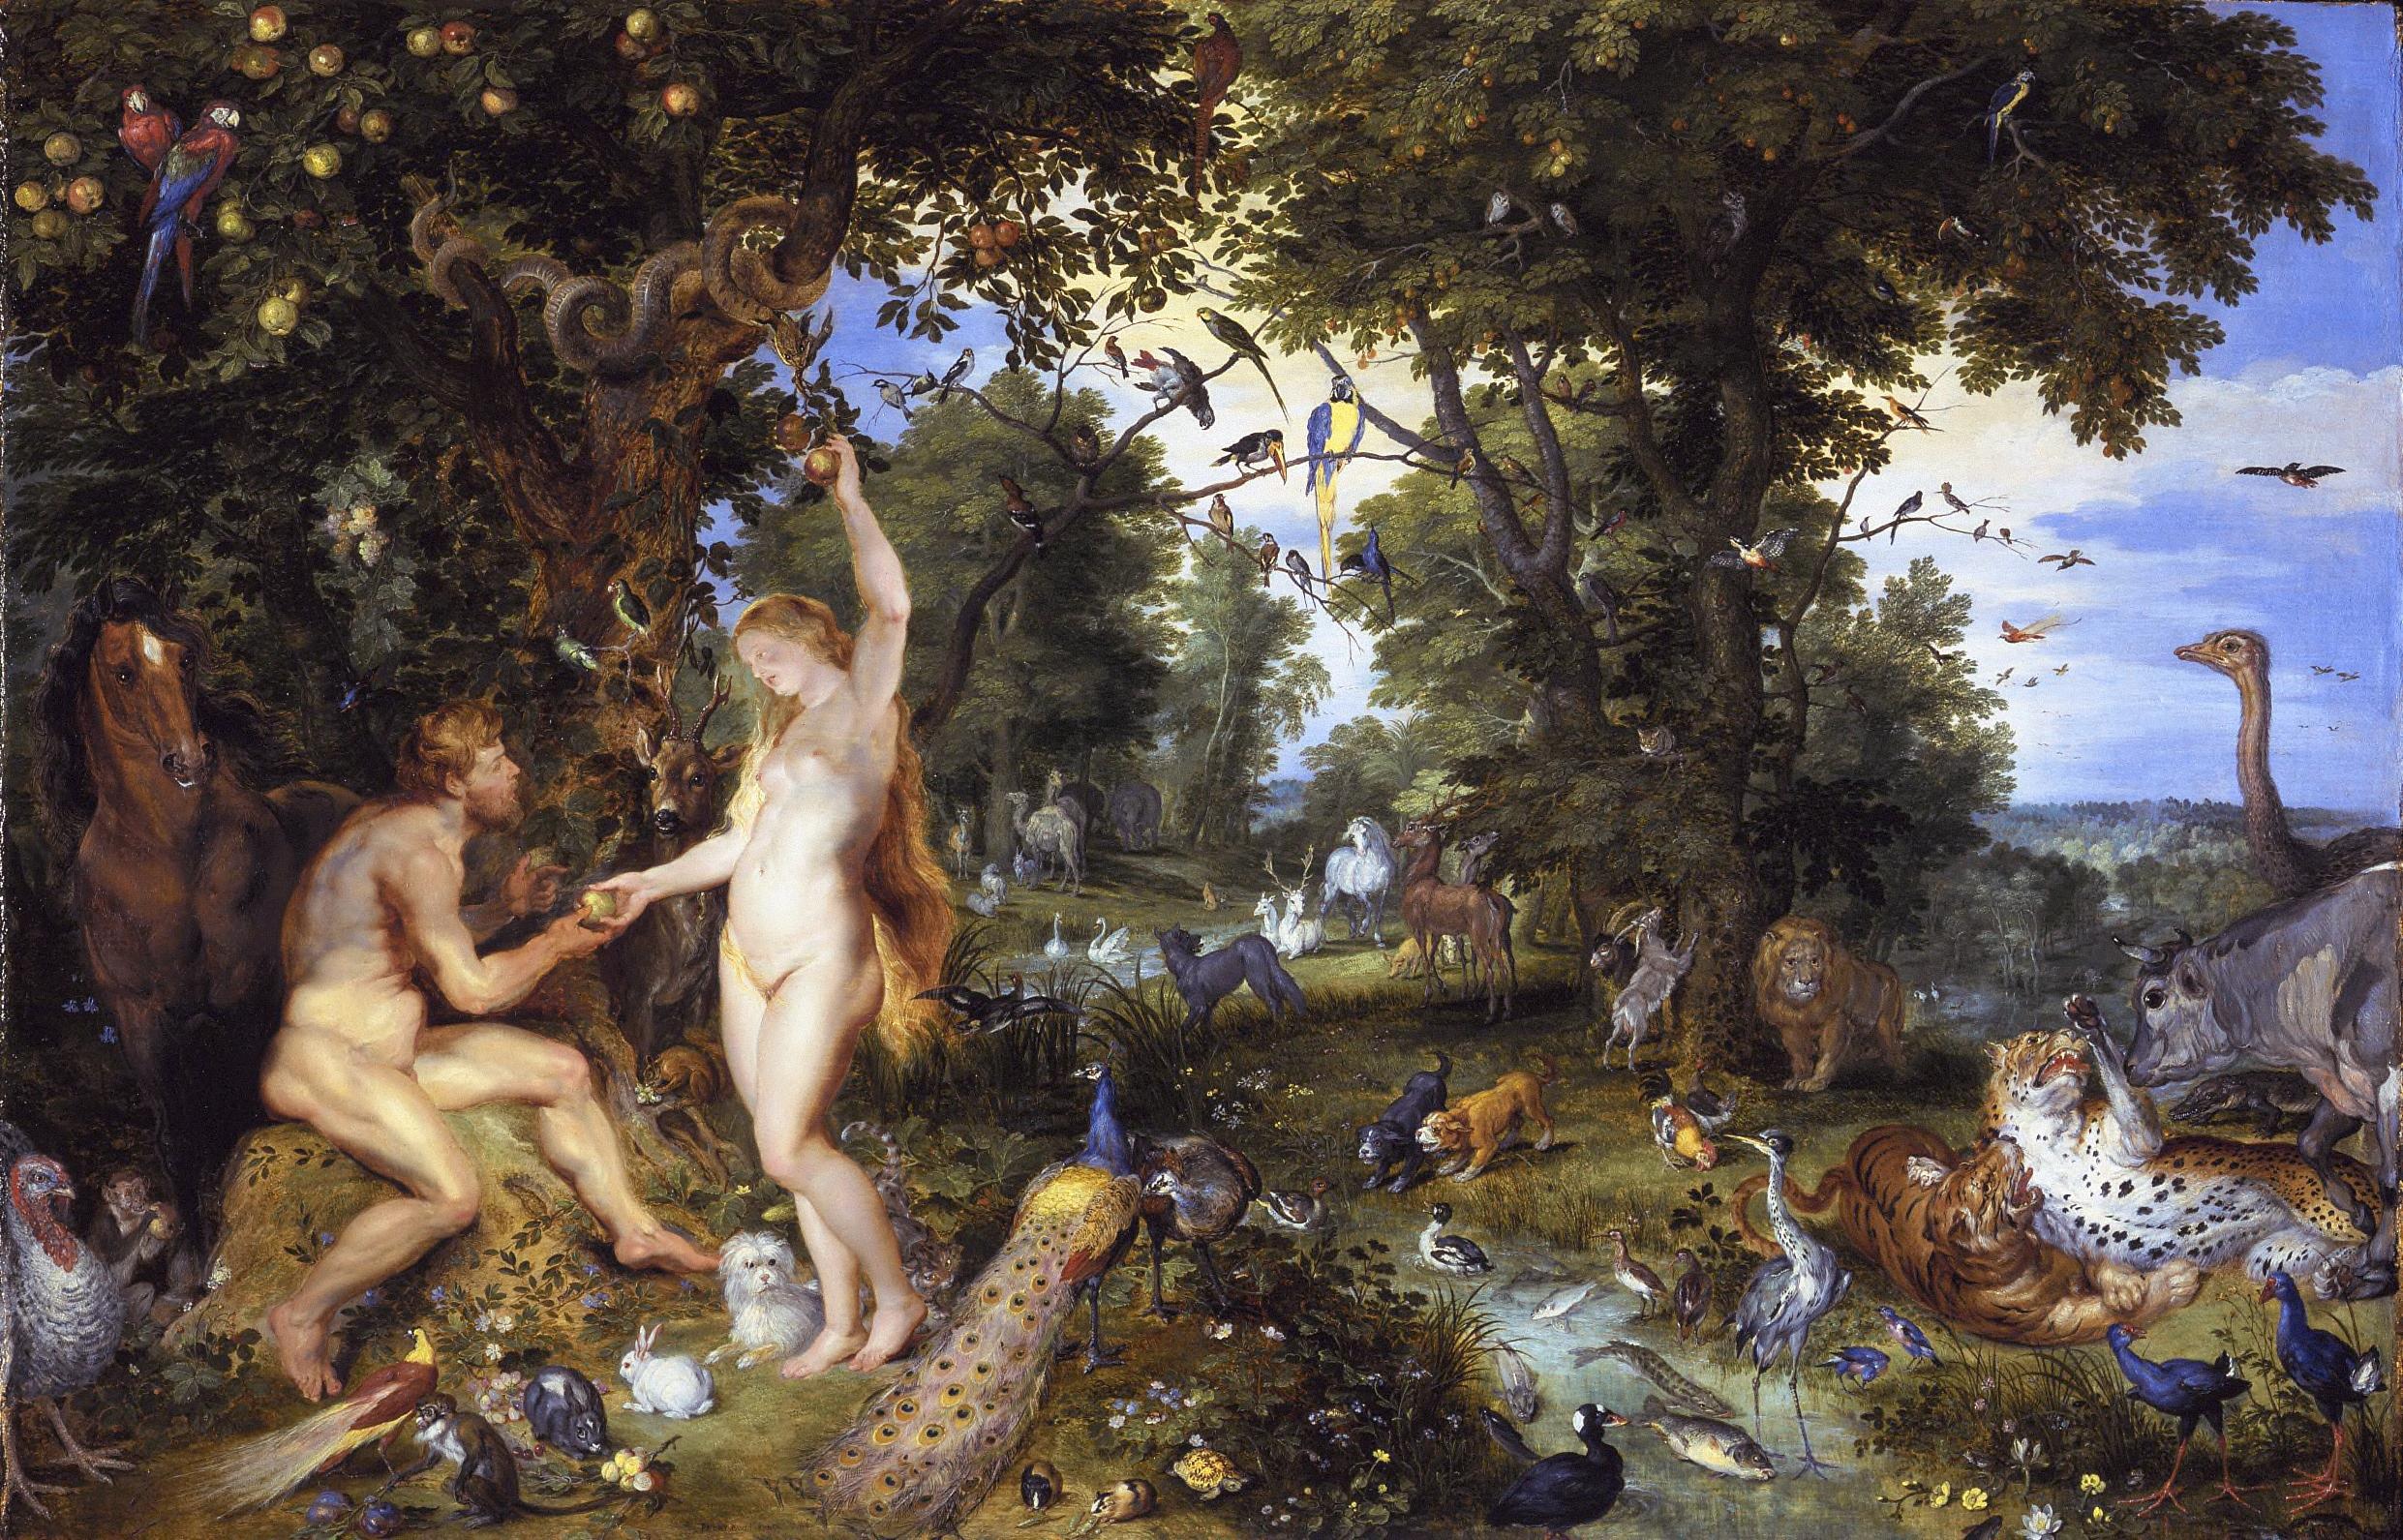 1616_Jan-Brueghel-the-Elder-and-Peter_Paul_Rubens-Garden-of-Eden